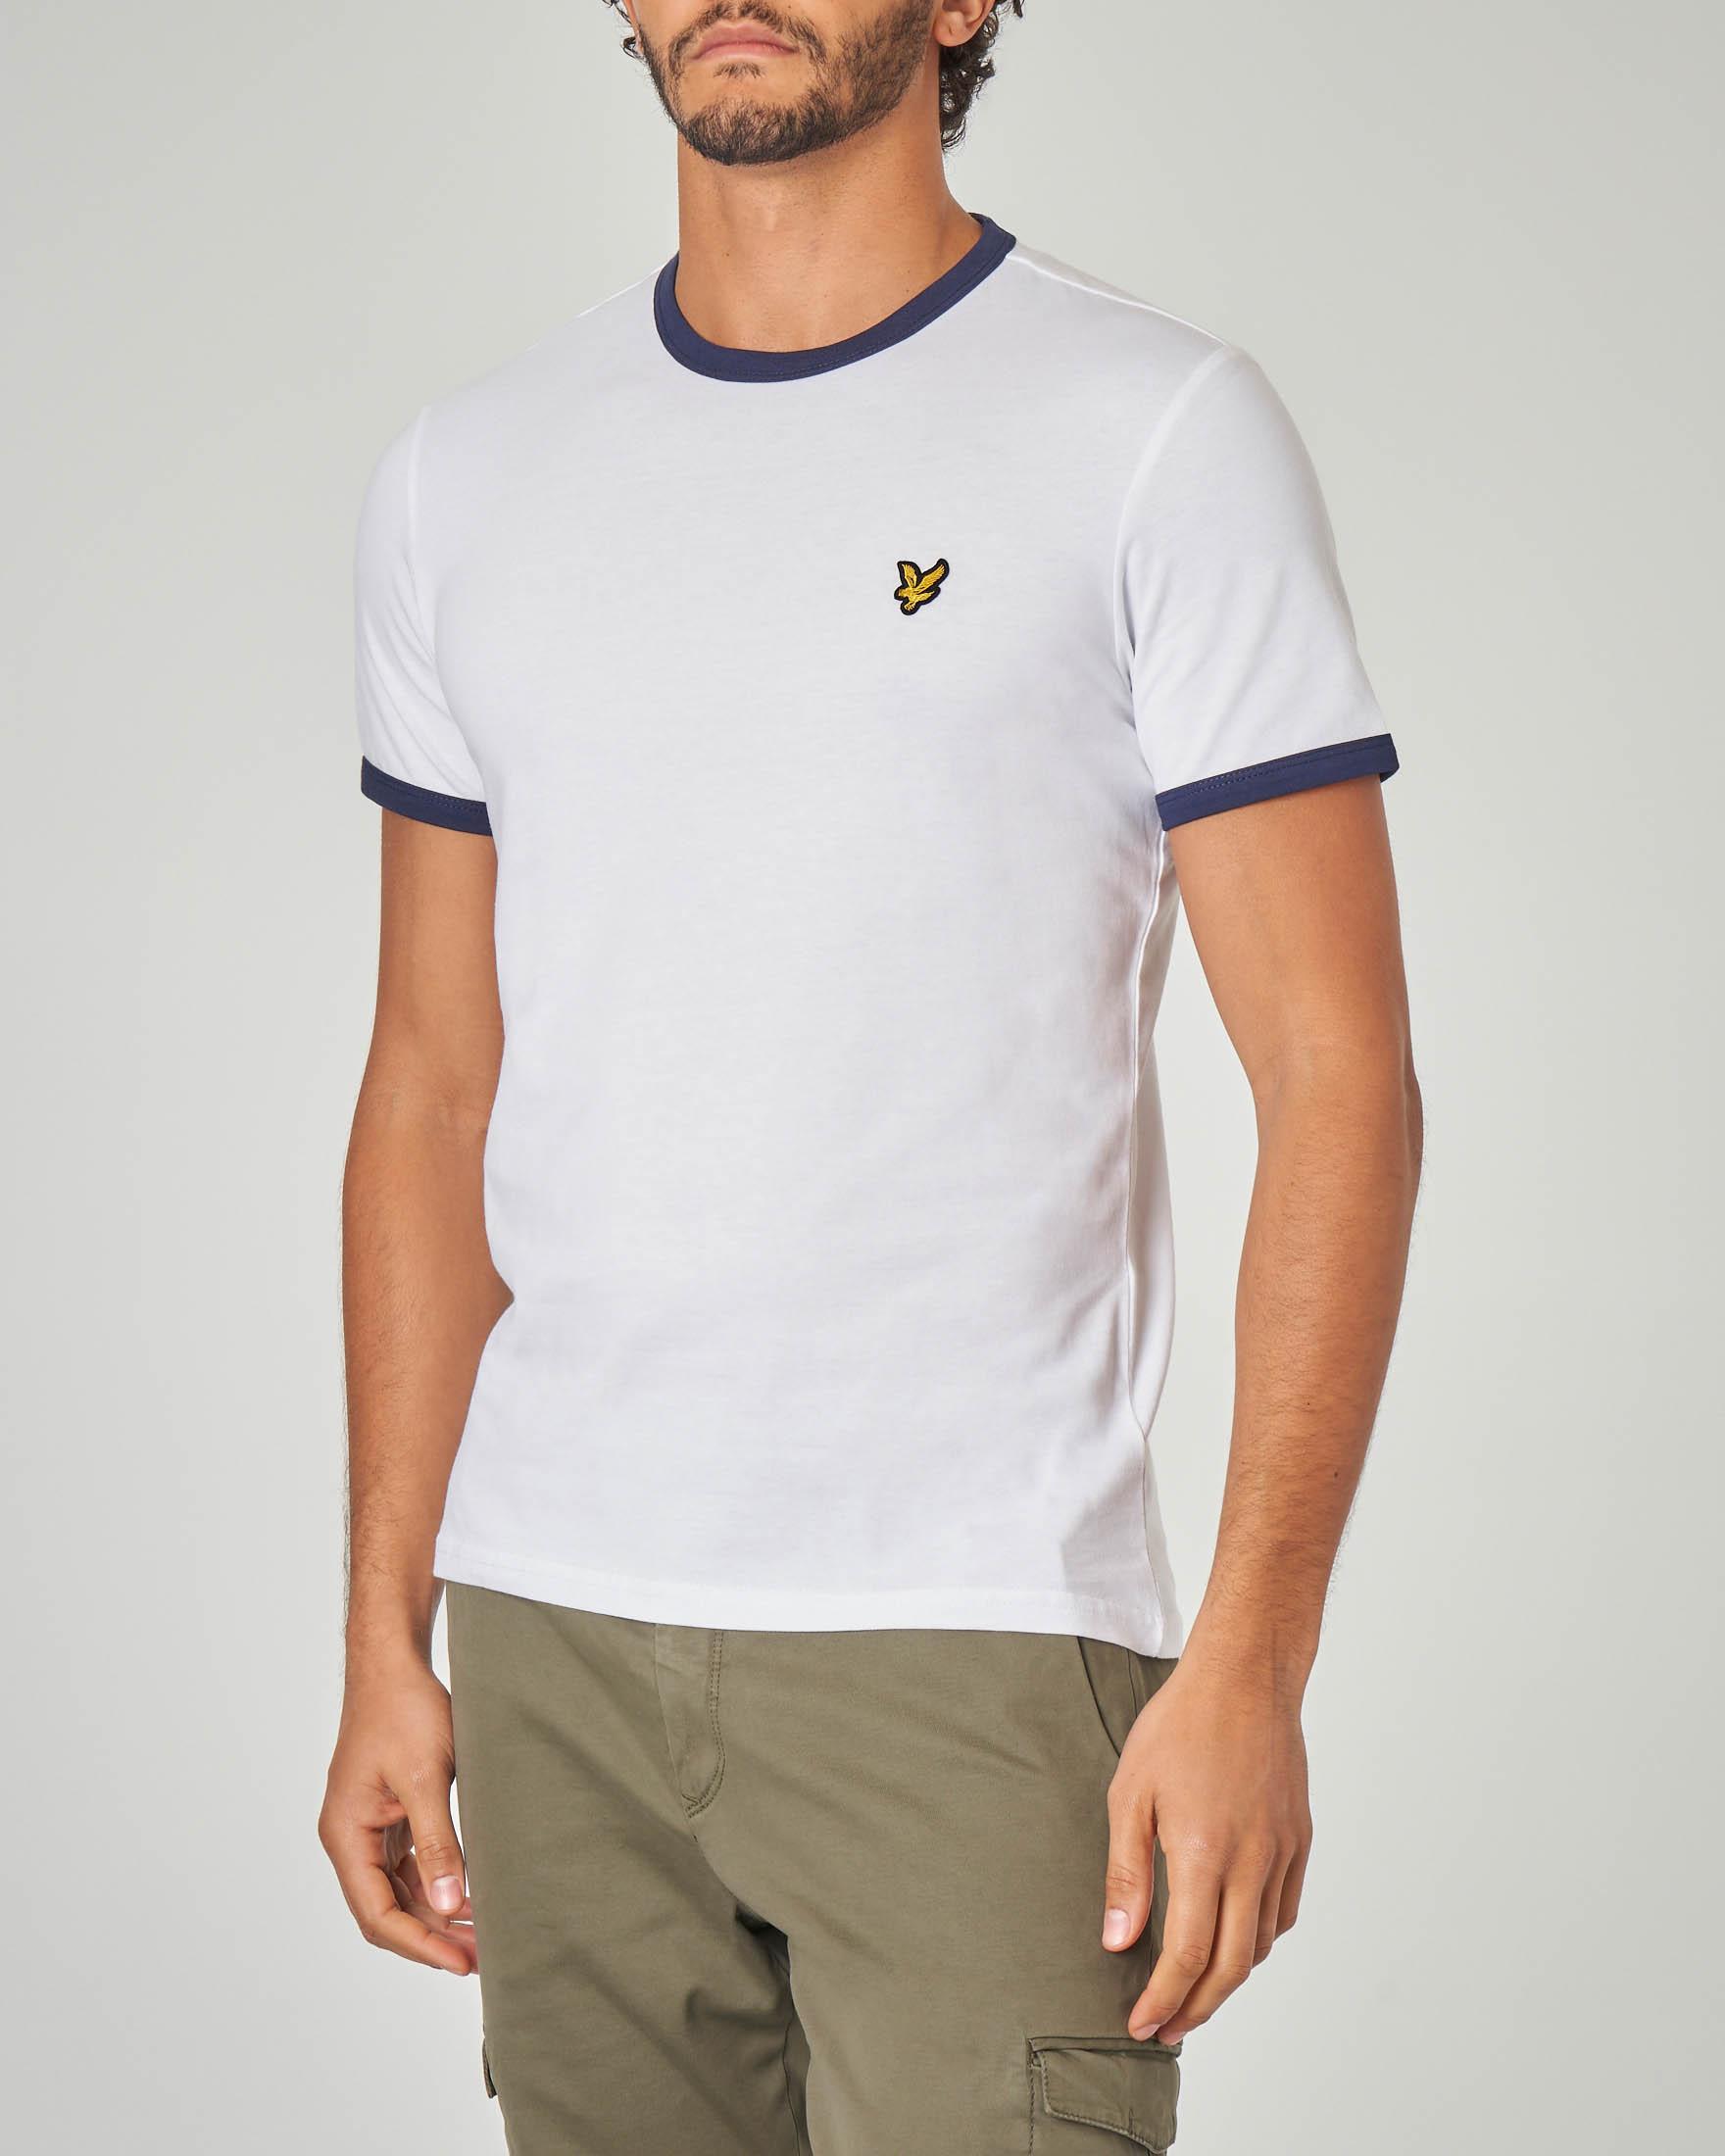 T-shirt bianca con bordino su maniche e collo blu